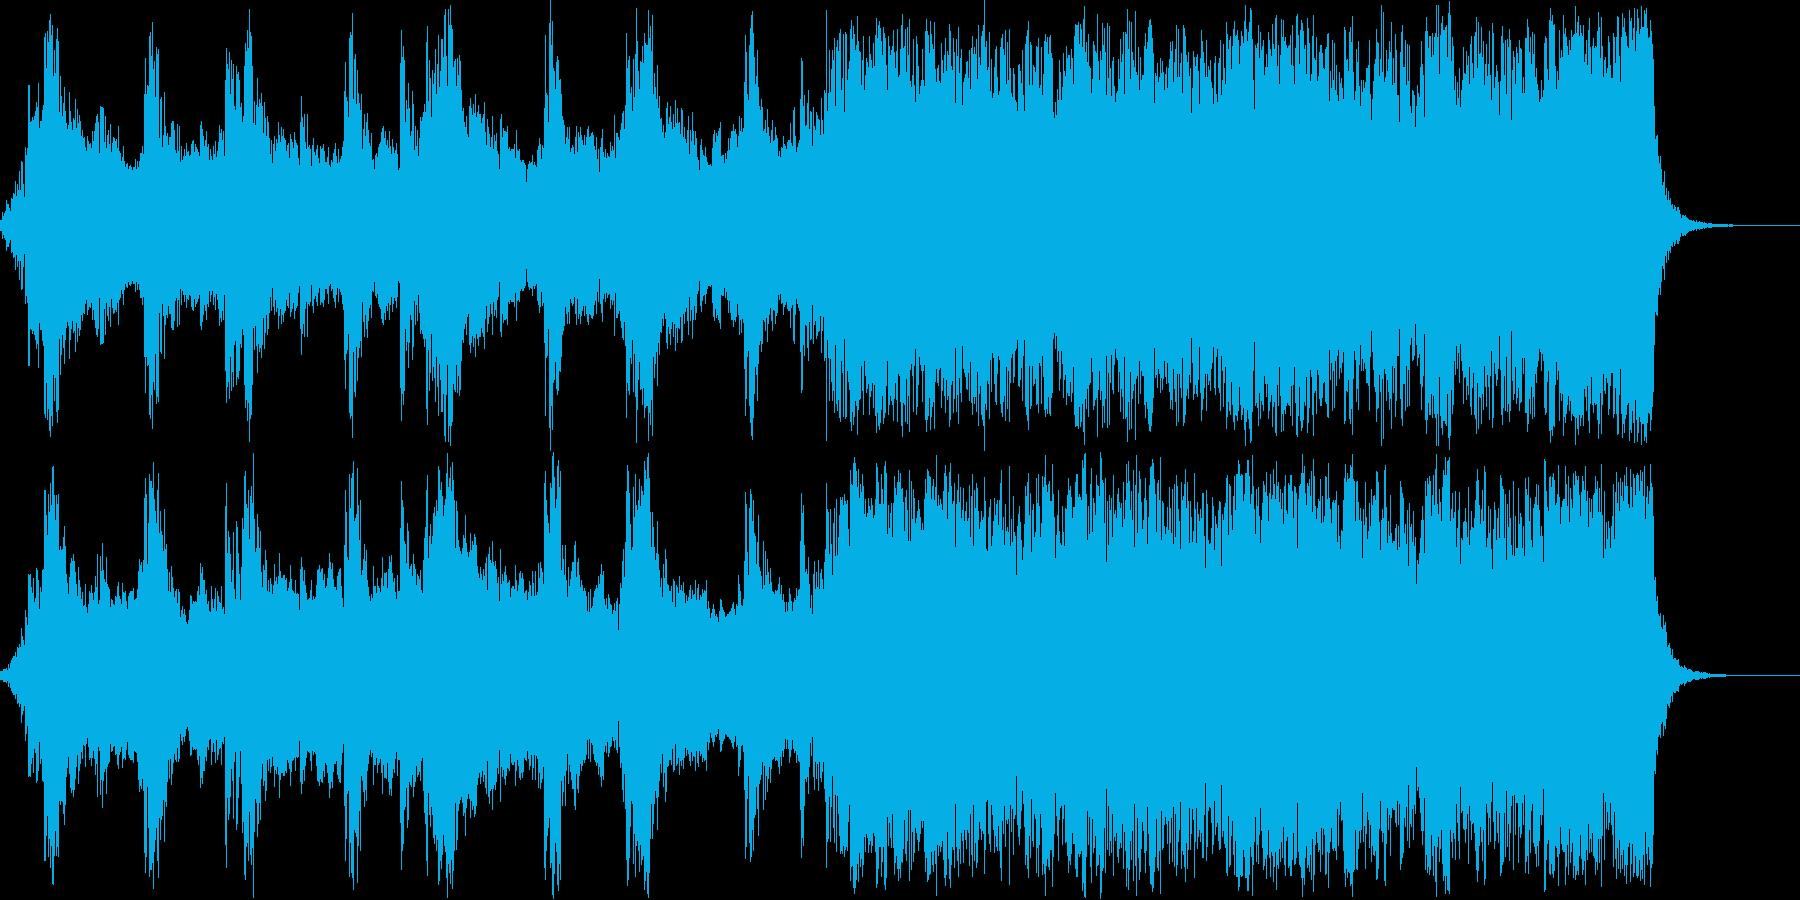 臨む気持ちを表した音楽の再生済みの波形